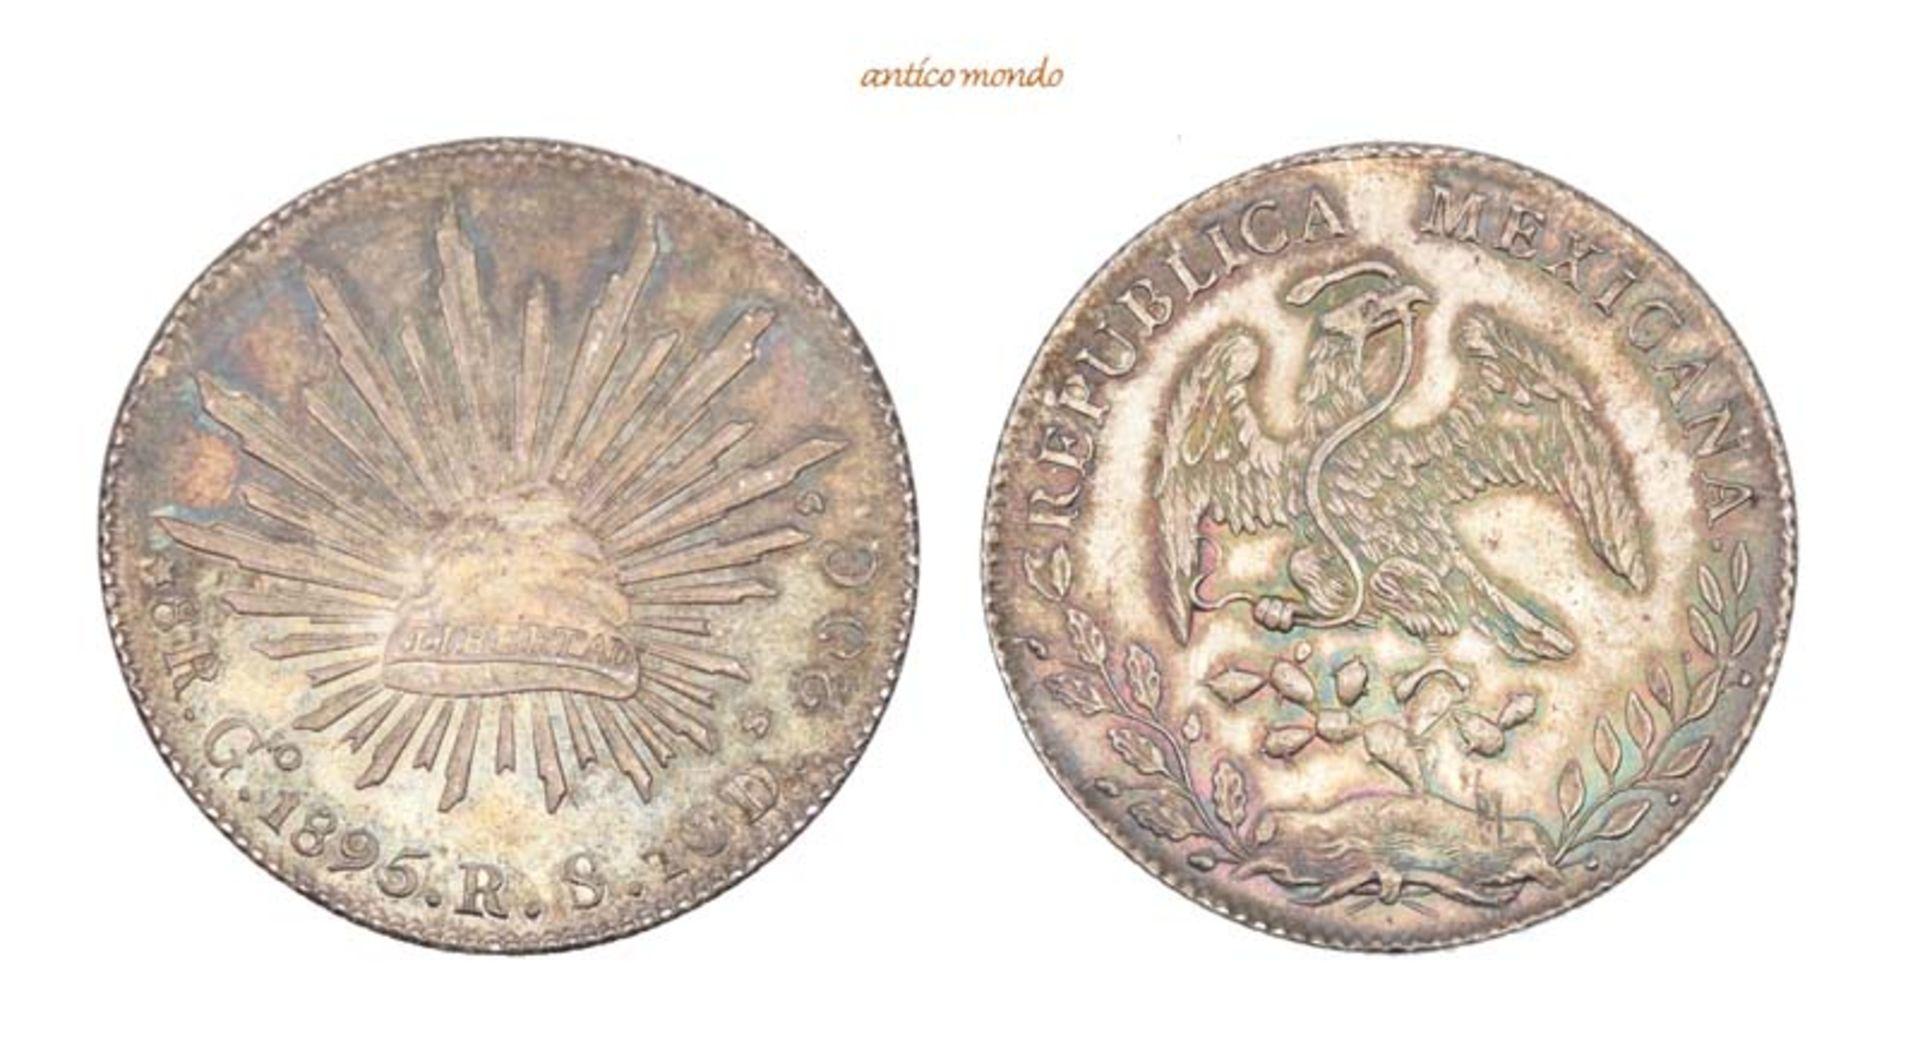 Mexiko, Republik, 8 Reales, 1895, hübsche Patina, vorzüglich +, 27,19 g- - -21.50 % buyer's